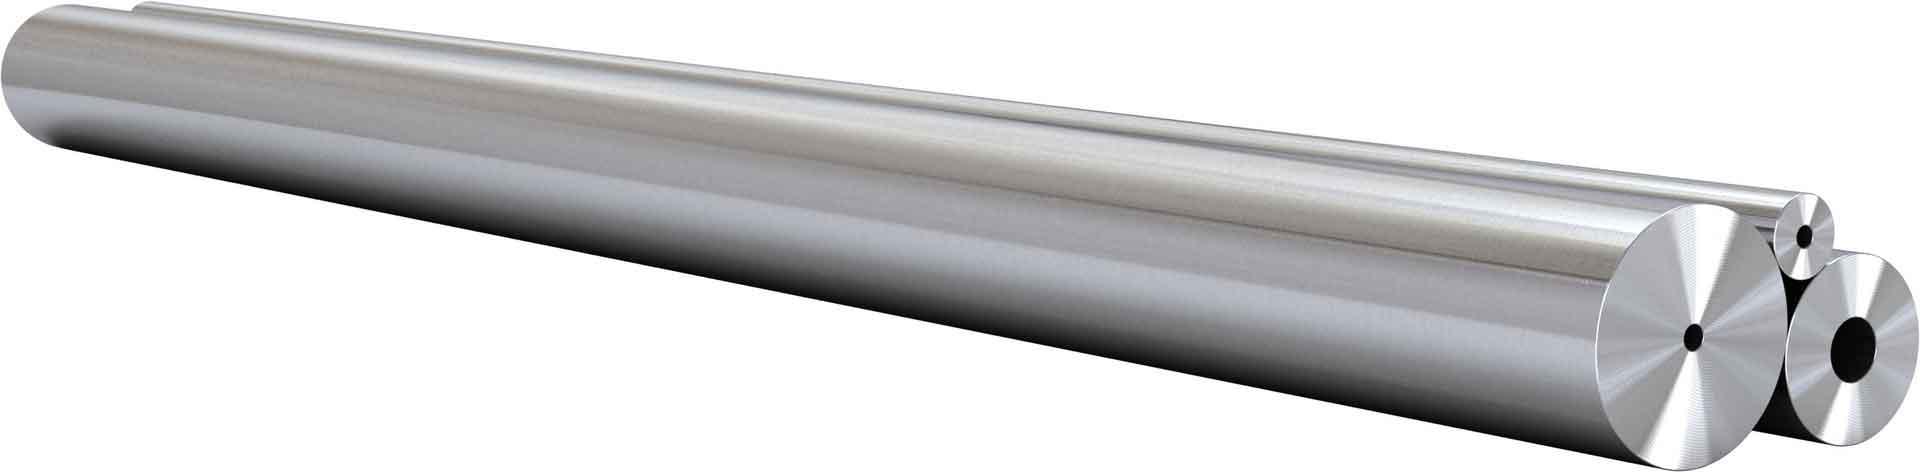 Những ống thép